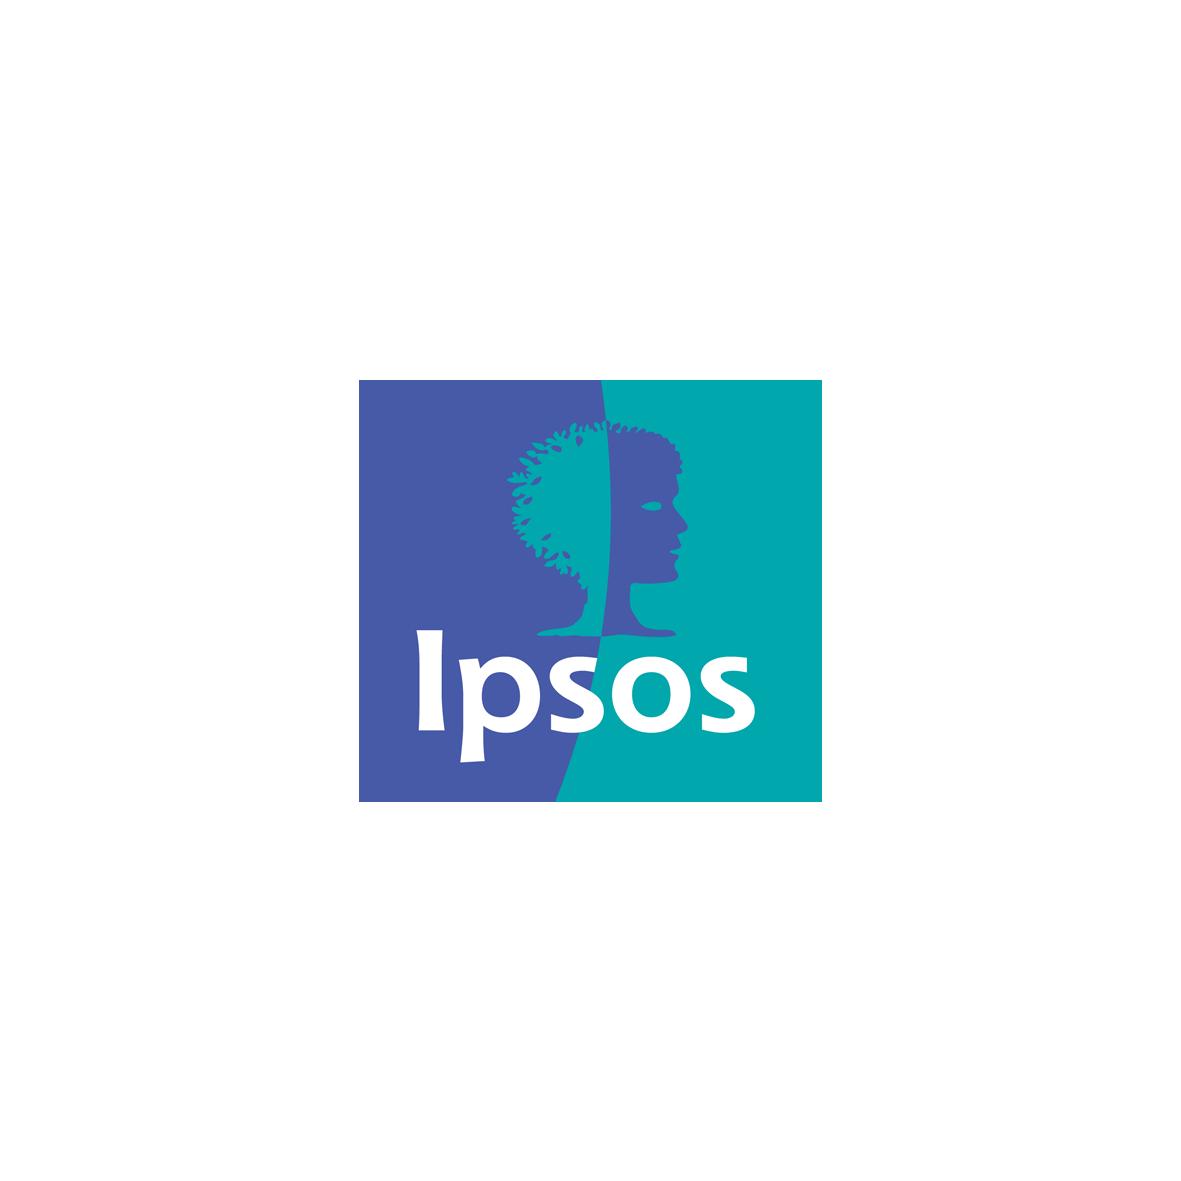 益普索市場研究Ipsos Limited